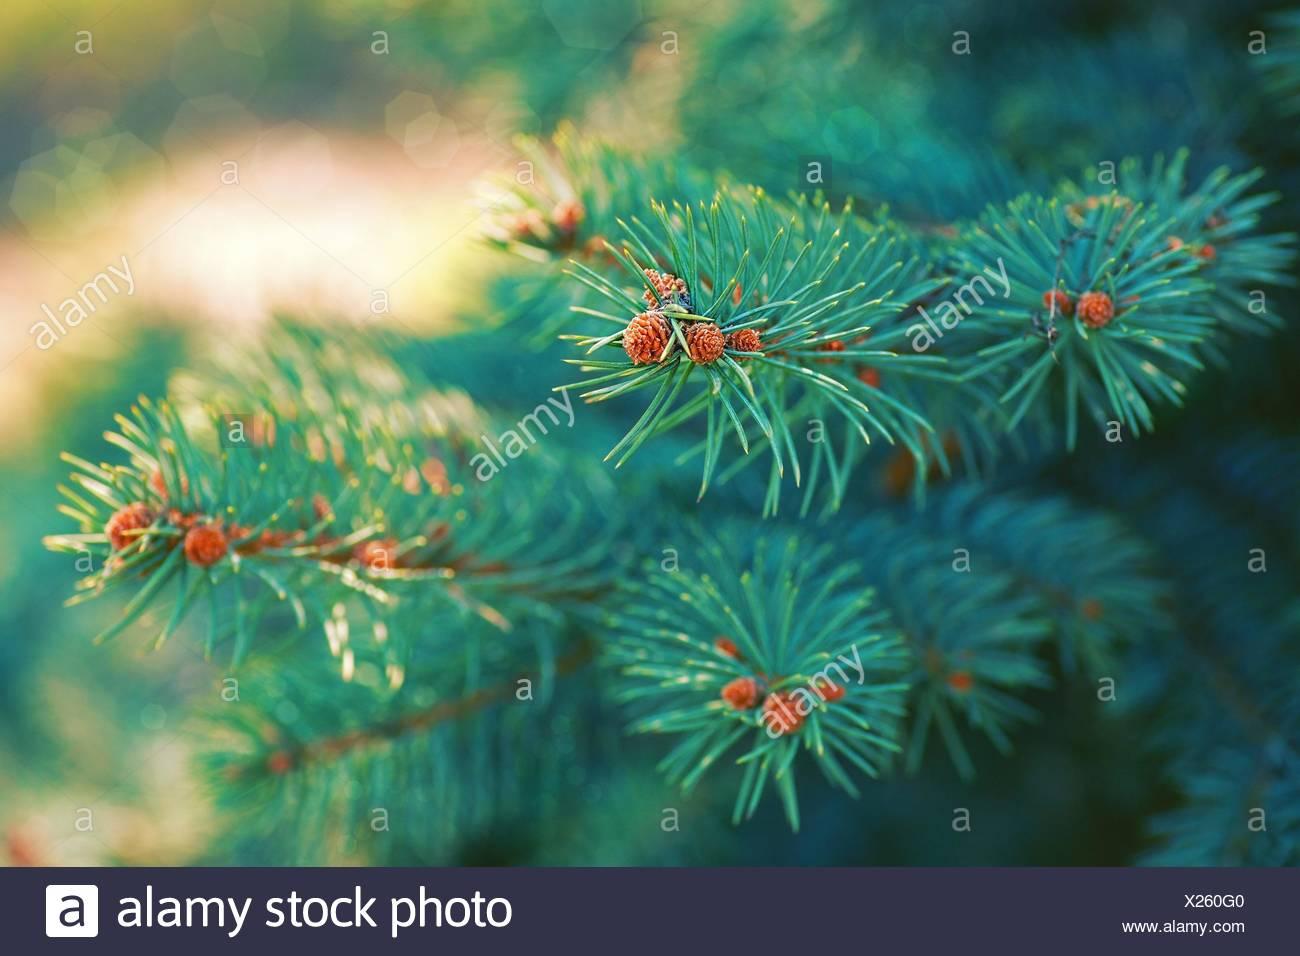 Weihnachtsbaum Herkunft.Weihnachtsbaum Im Freien Stockfotos Weihnachtsbaum Im Freien